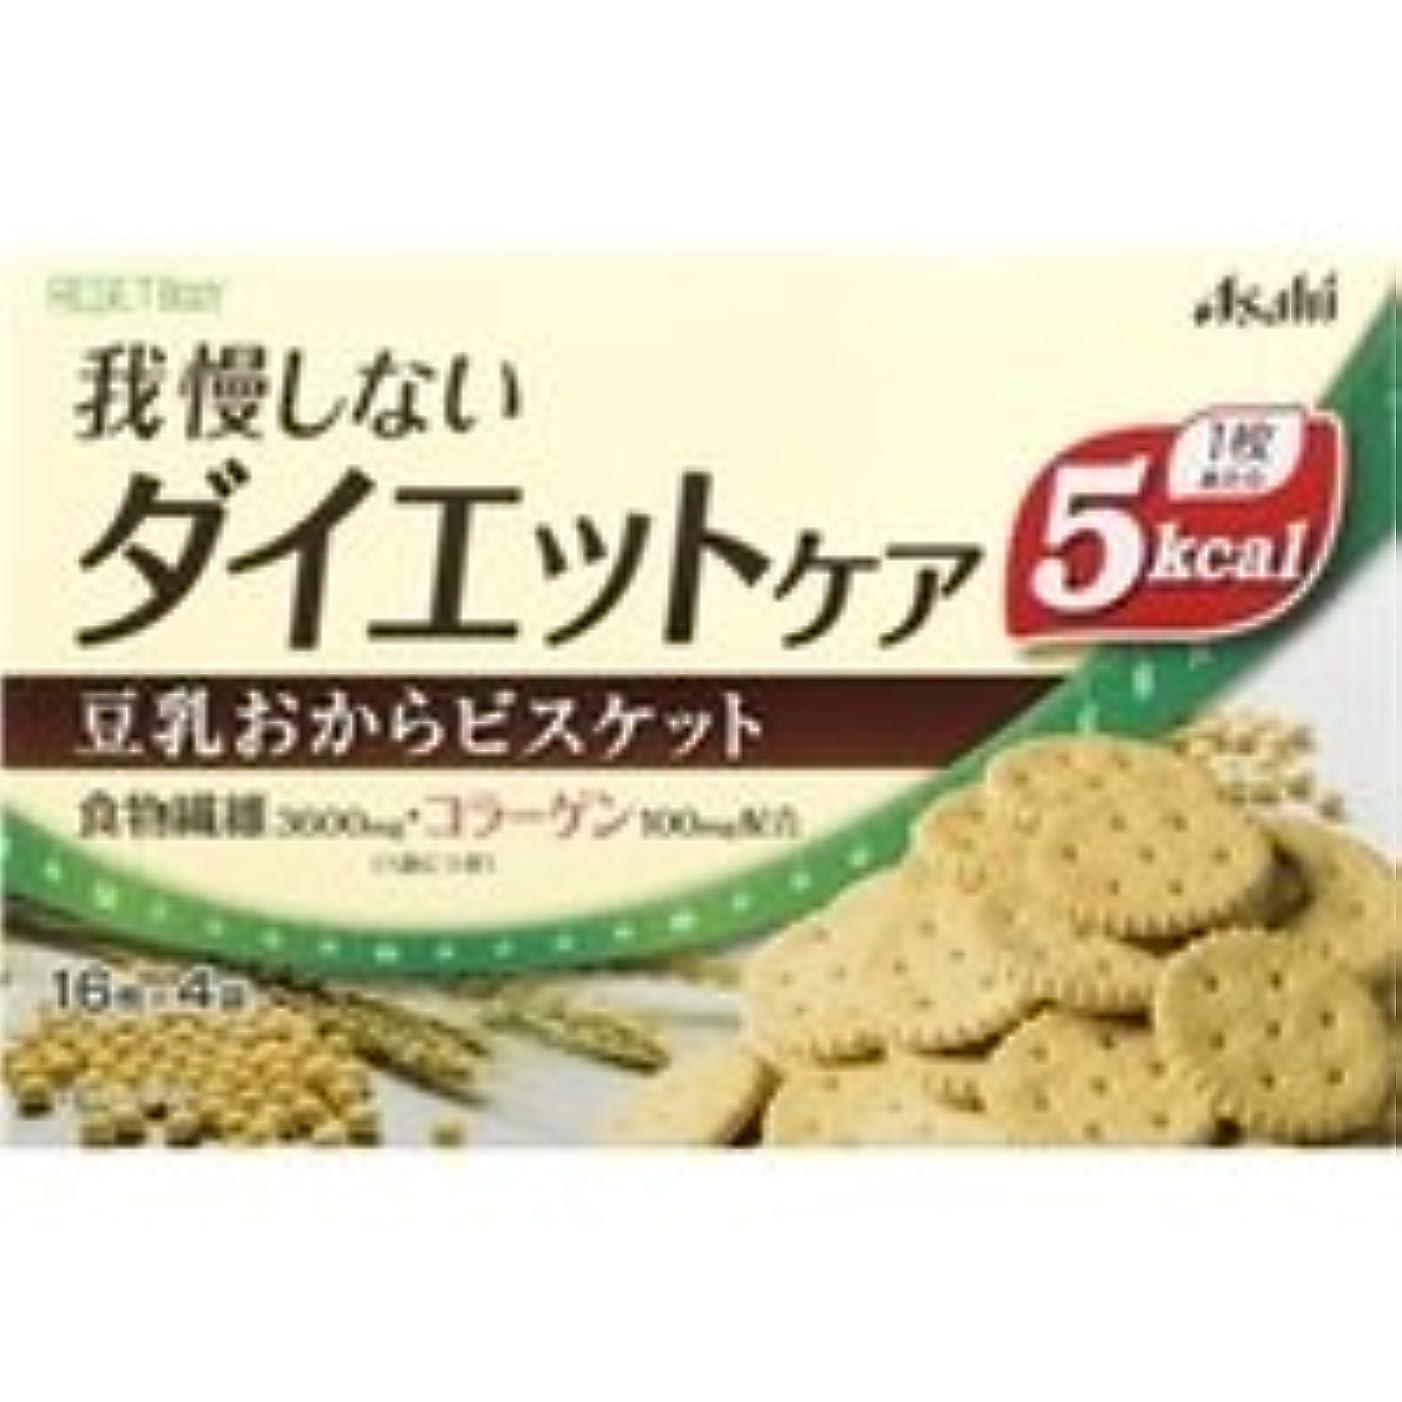 心臓苦しむかもしれないリセットボディ 豆乳おからビスケット 4袋×(24セット)